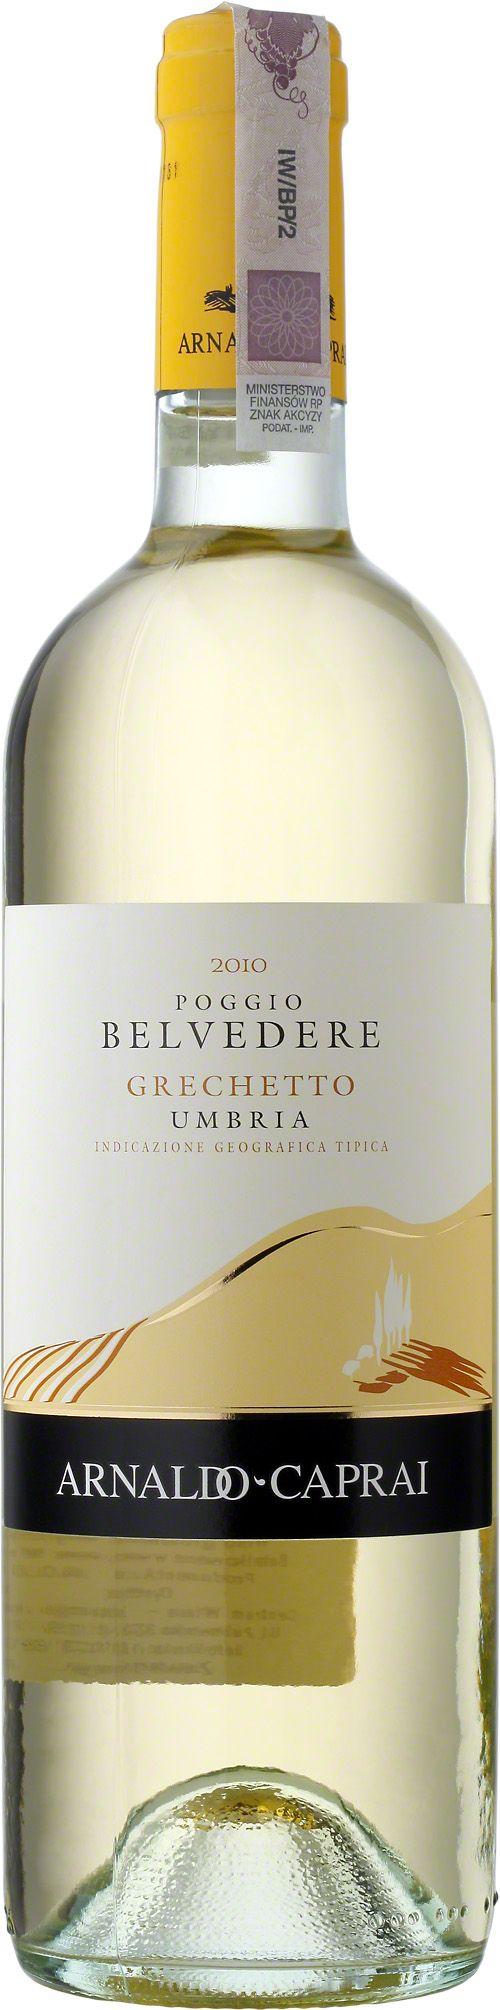 Poggio Belvedere Grechetto Bianco Umbria I.G.T. Wino o kolorze żółtej słomy z zielonymi zabarwieniami. Wyczuwalne owoce, co daje wyjątkowy delikatny aromat oraz świeży smak z nutą kwasowości. #Poggio #Belvedere #Grechetto #Bianco #Umbria #Włochy #Wino #Winezja #ArnaldoCaprai